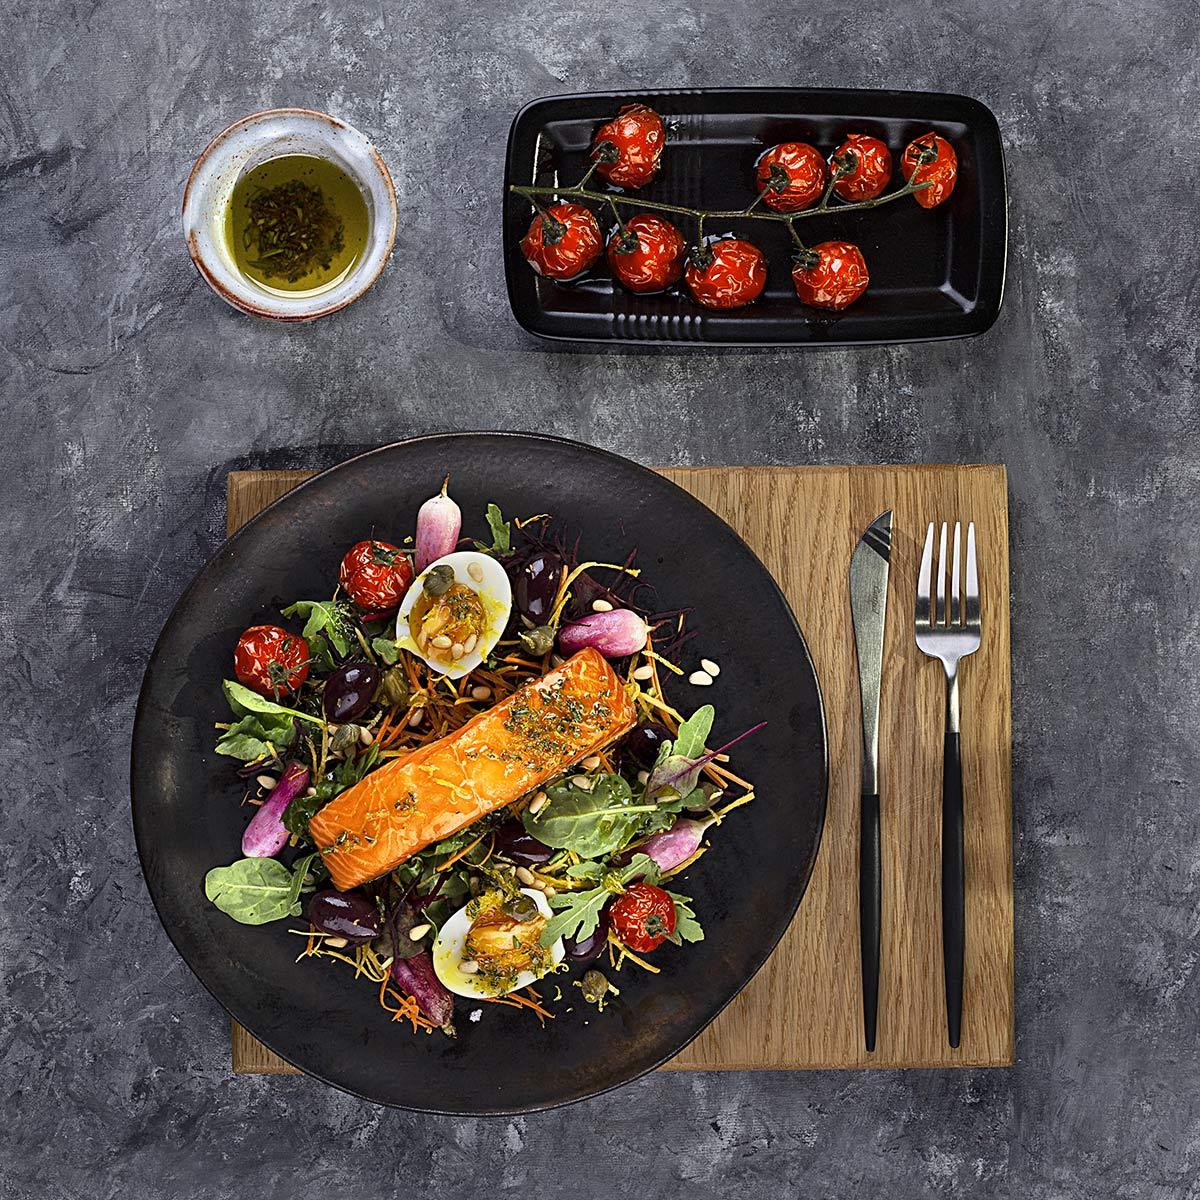 Sałata z pieczonym wędzonym łososiem MOWI, jajkiem, oliwkami, marchewką i pieczonymi pomidorami